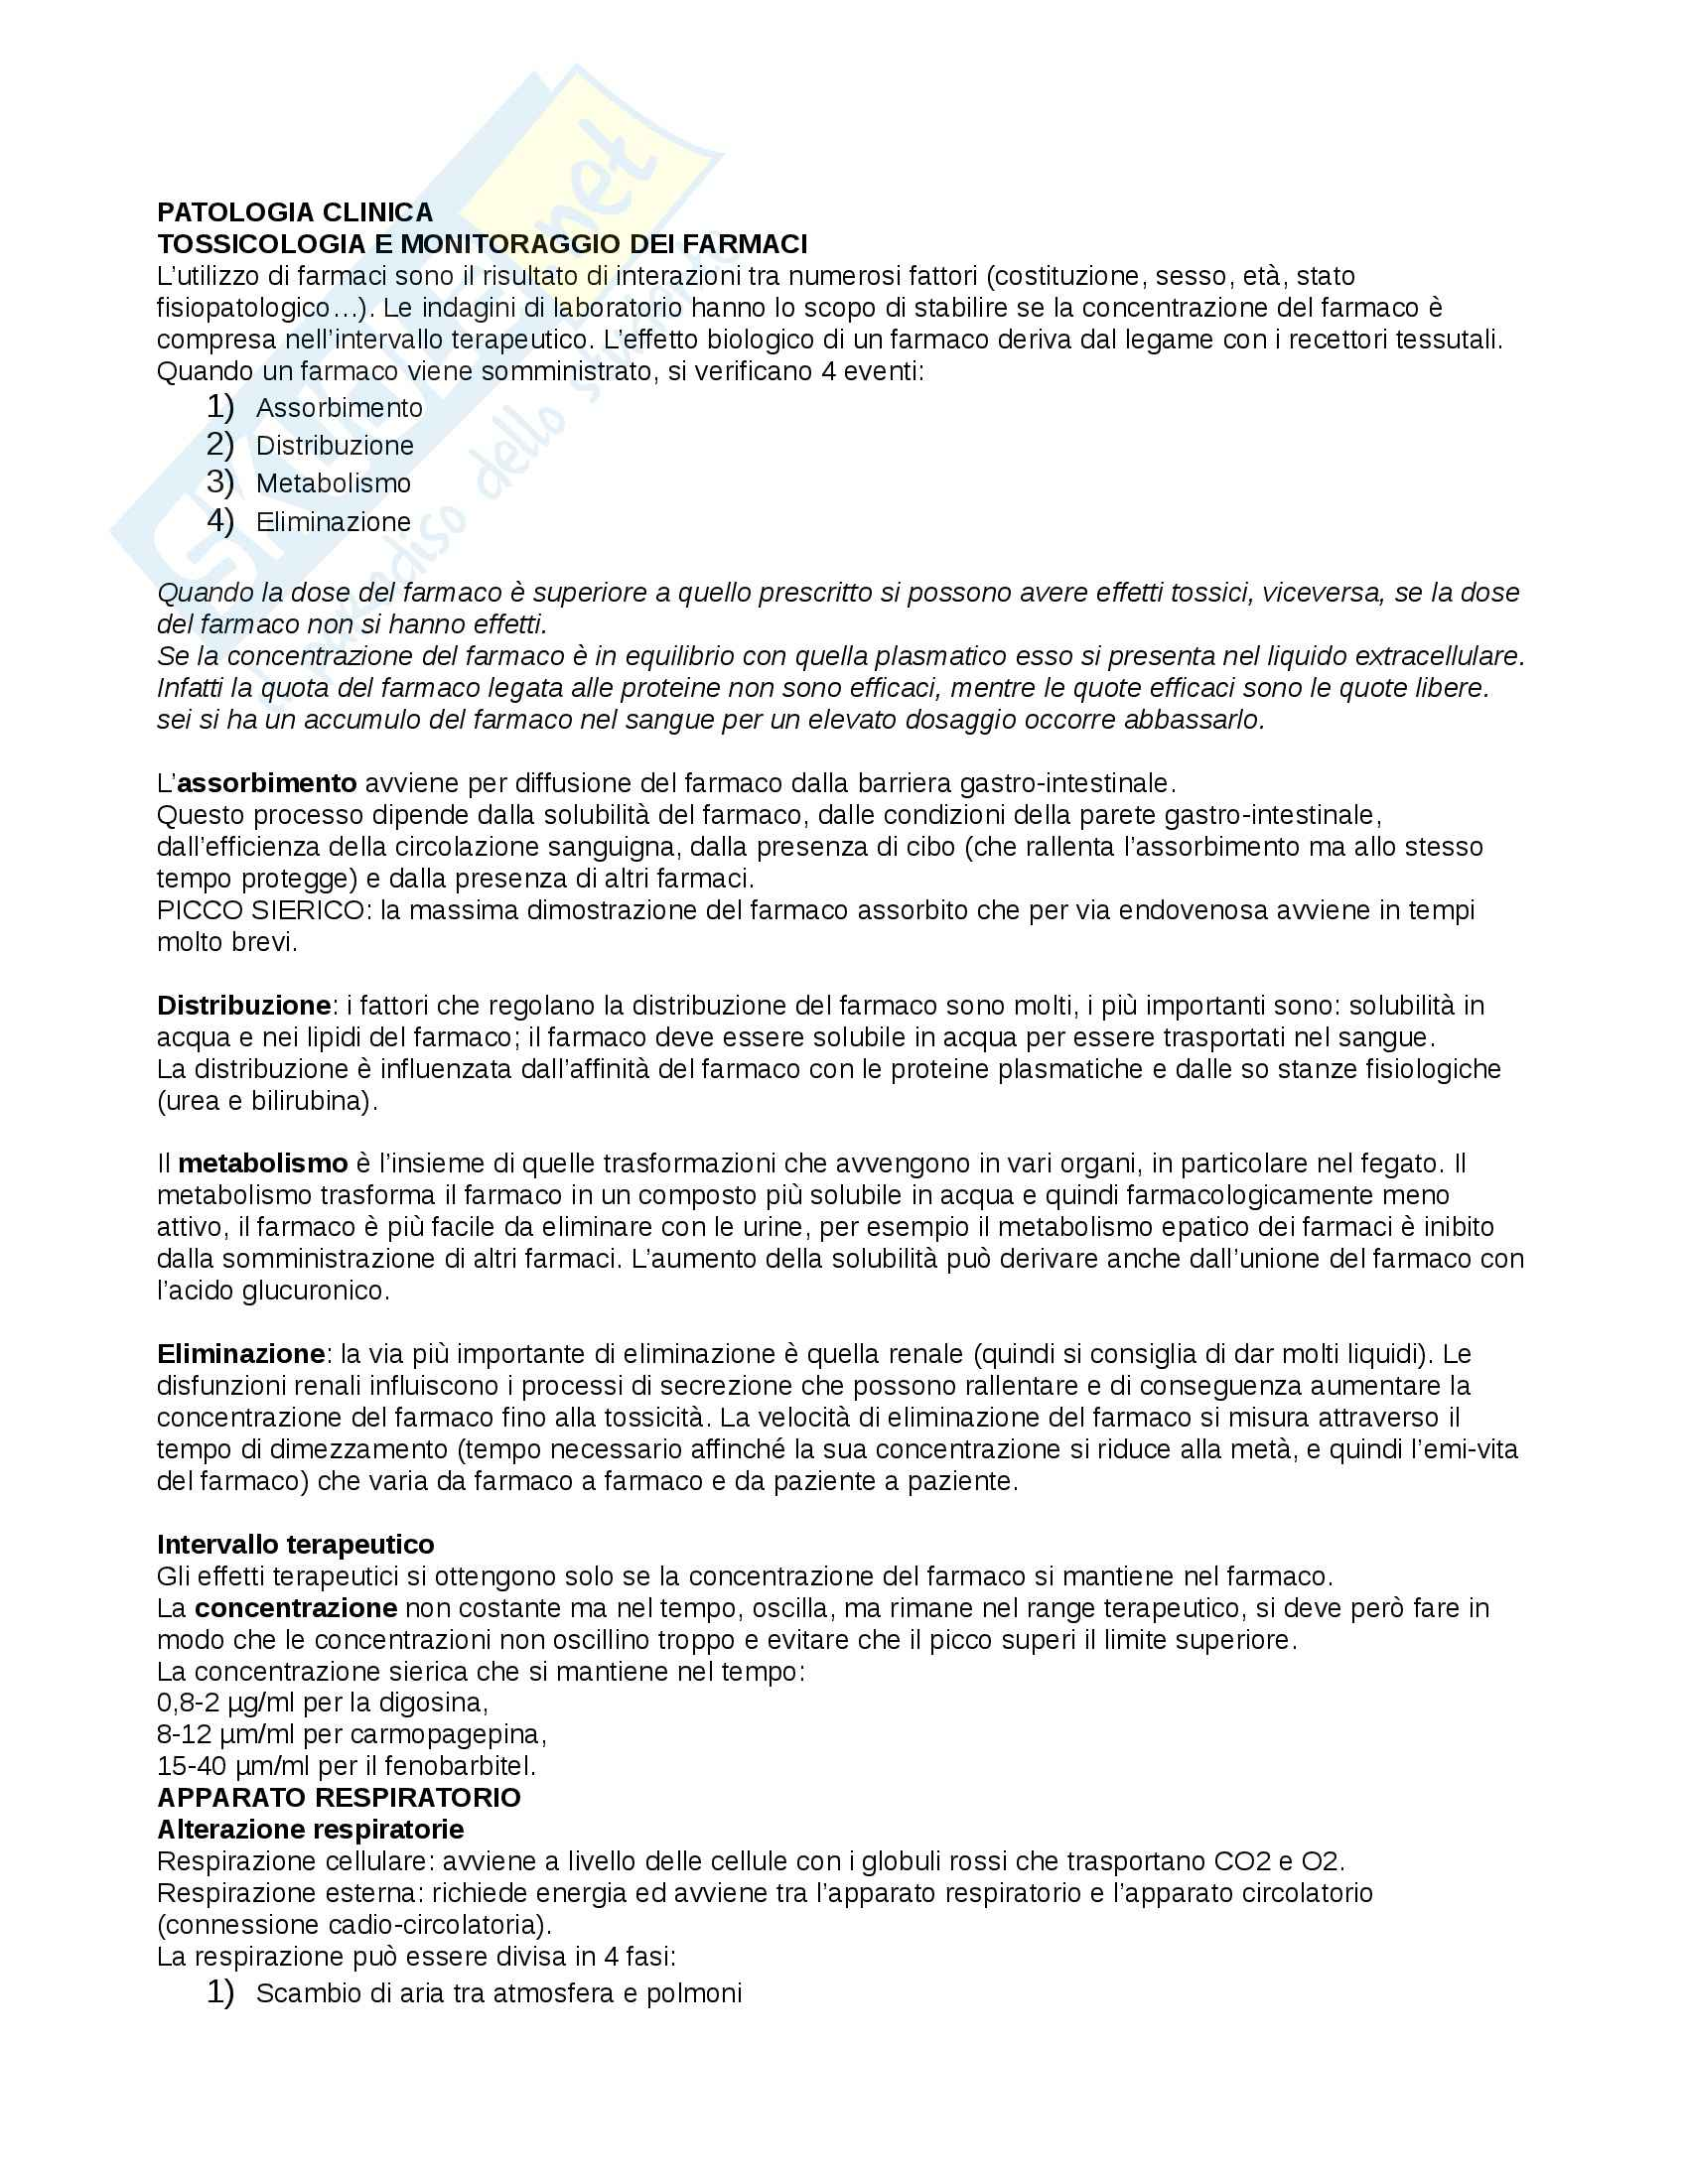 Patologia generale e fisiopatologia - patologia clinica